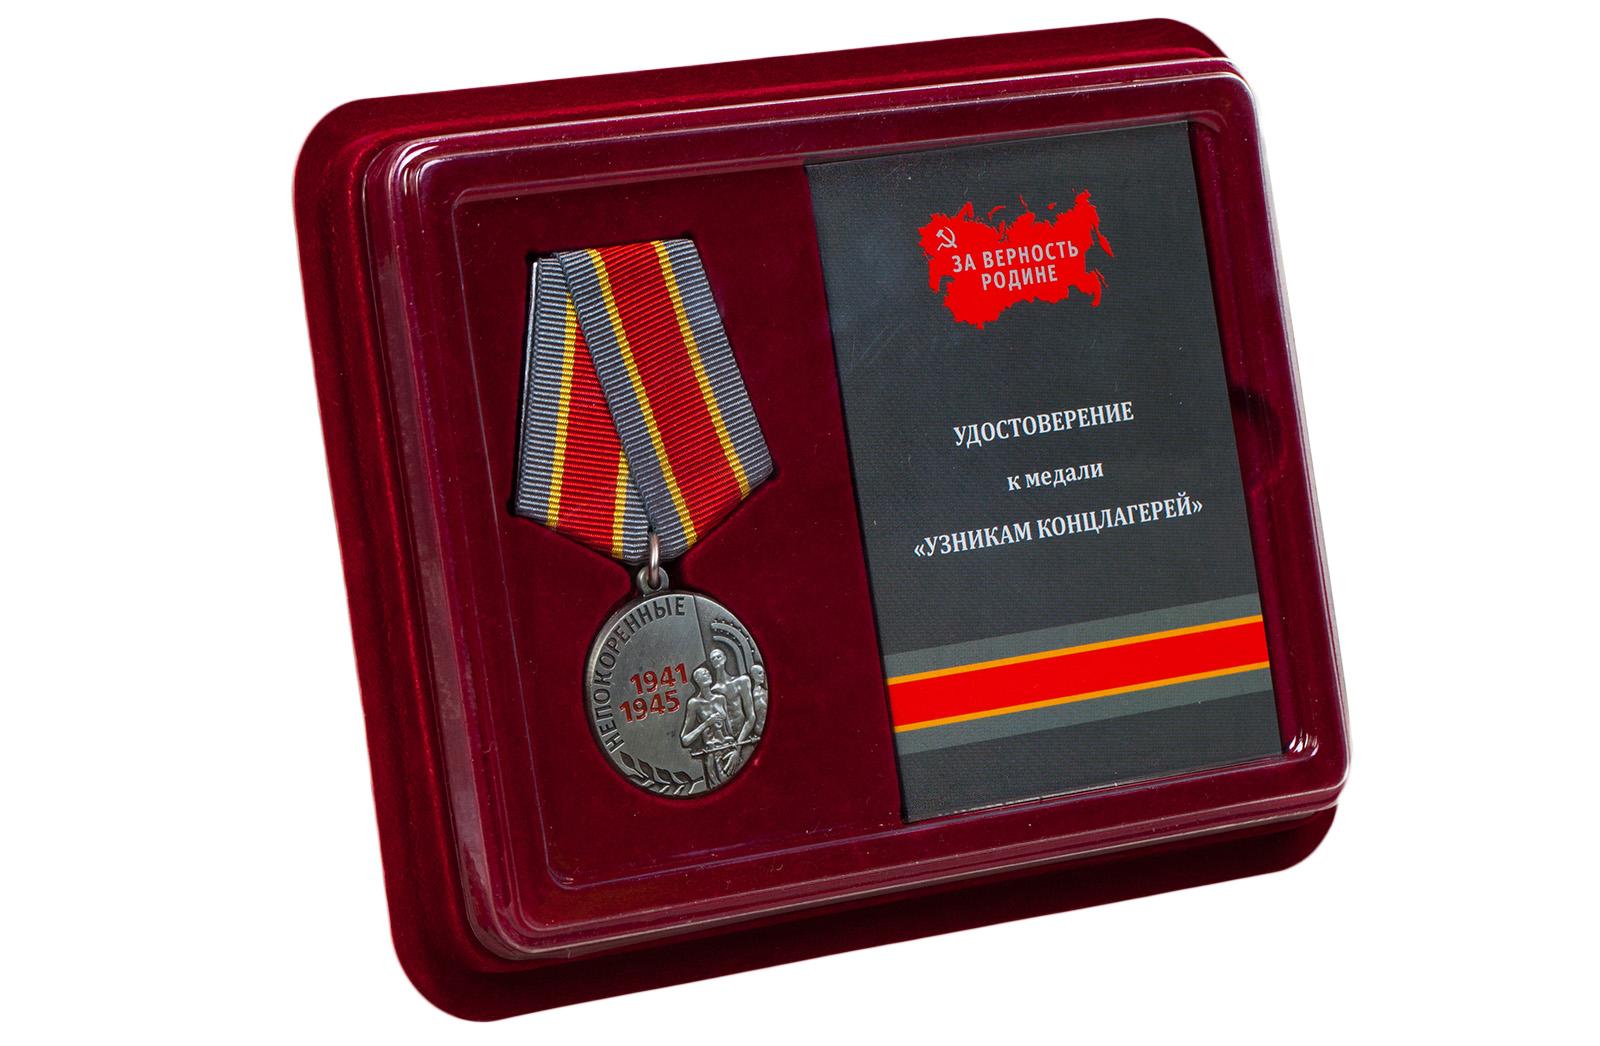 Купить памятную медаль Узникам концлагерей на 75 лет Победы в подарок